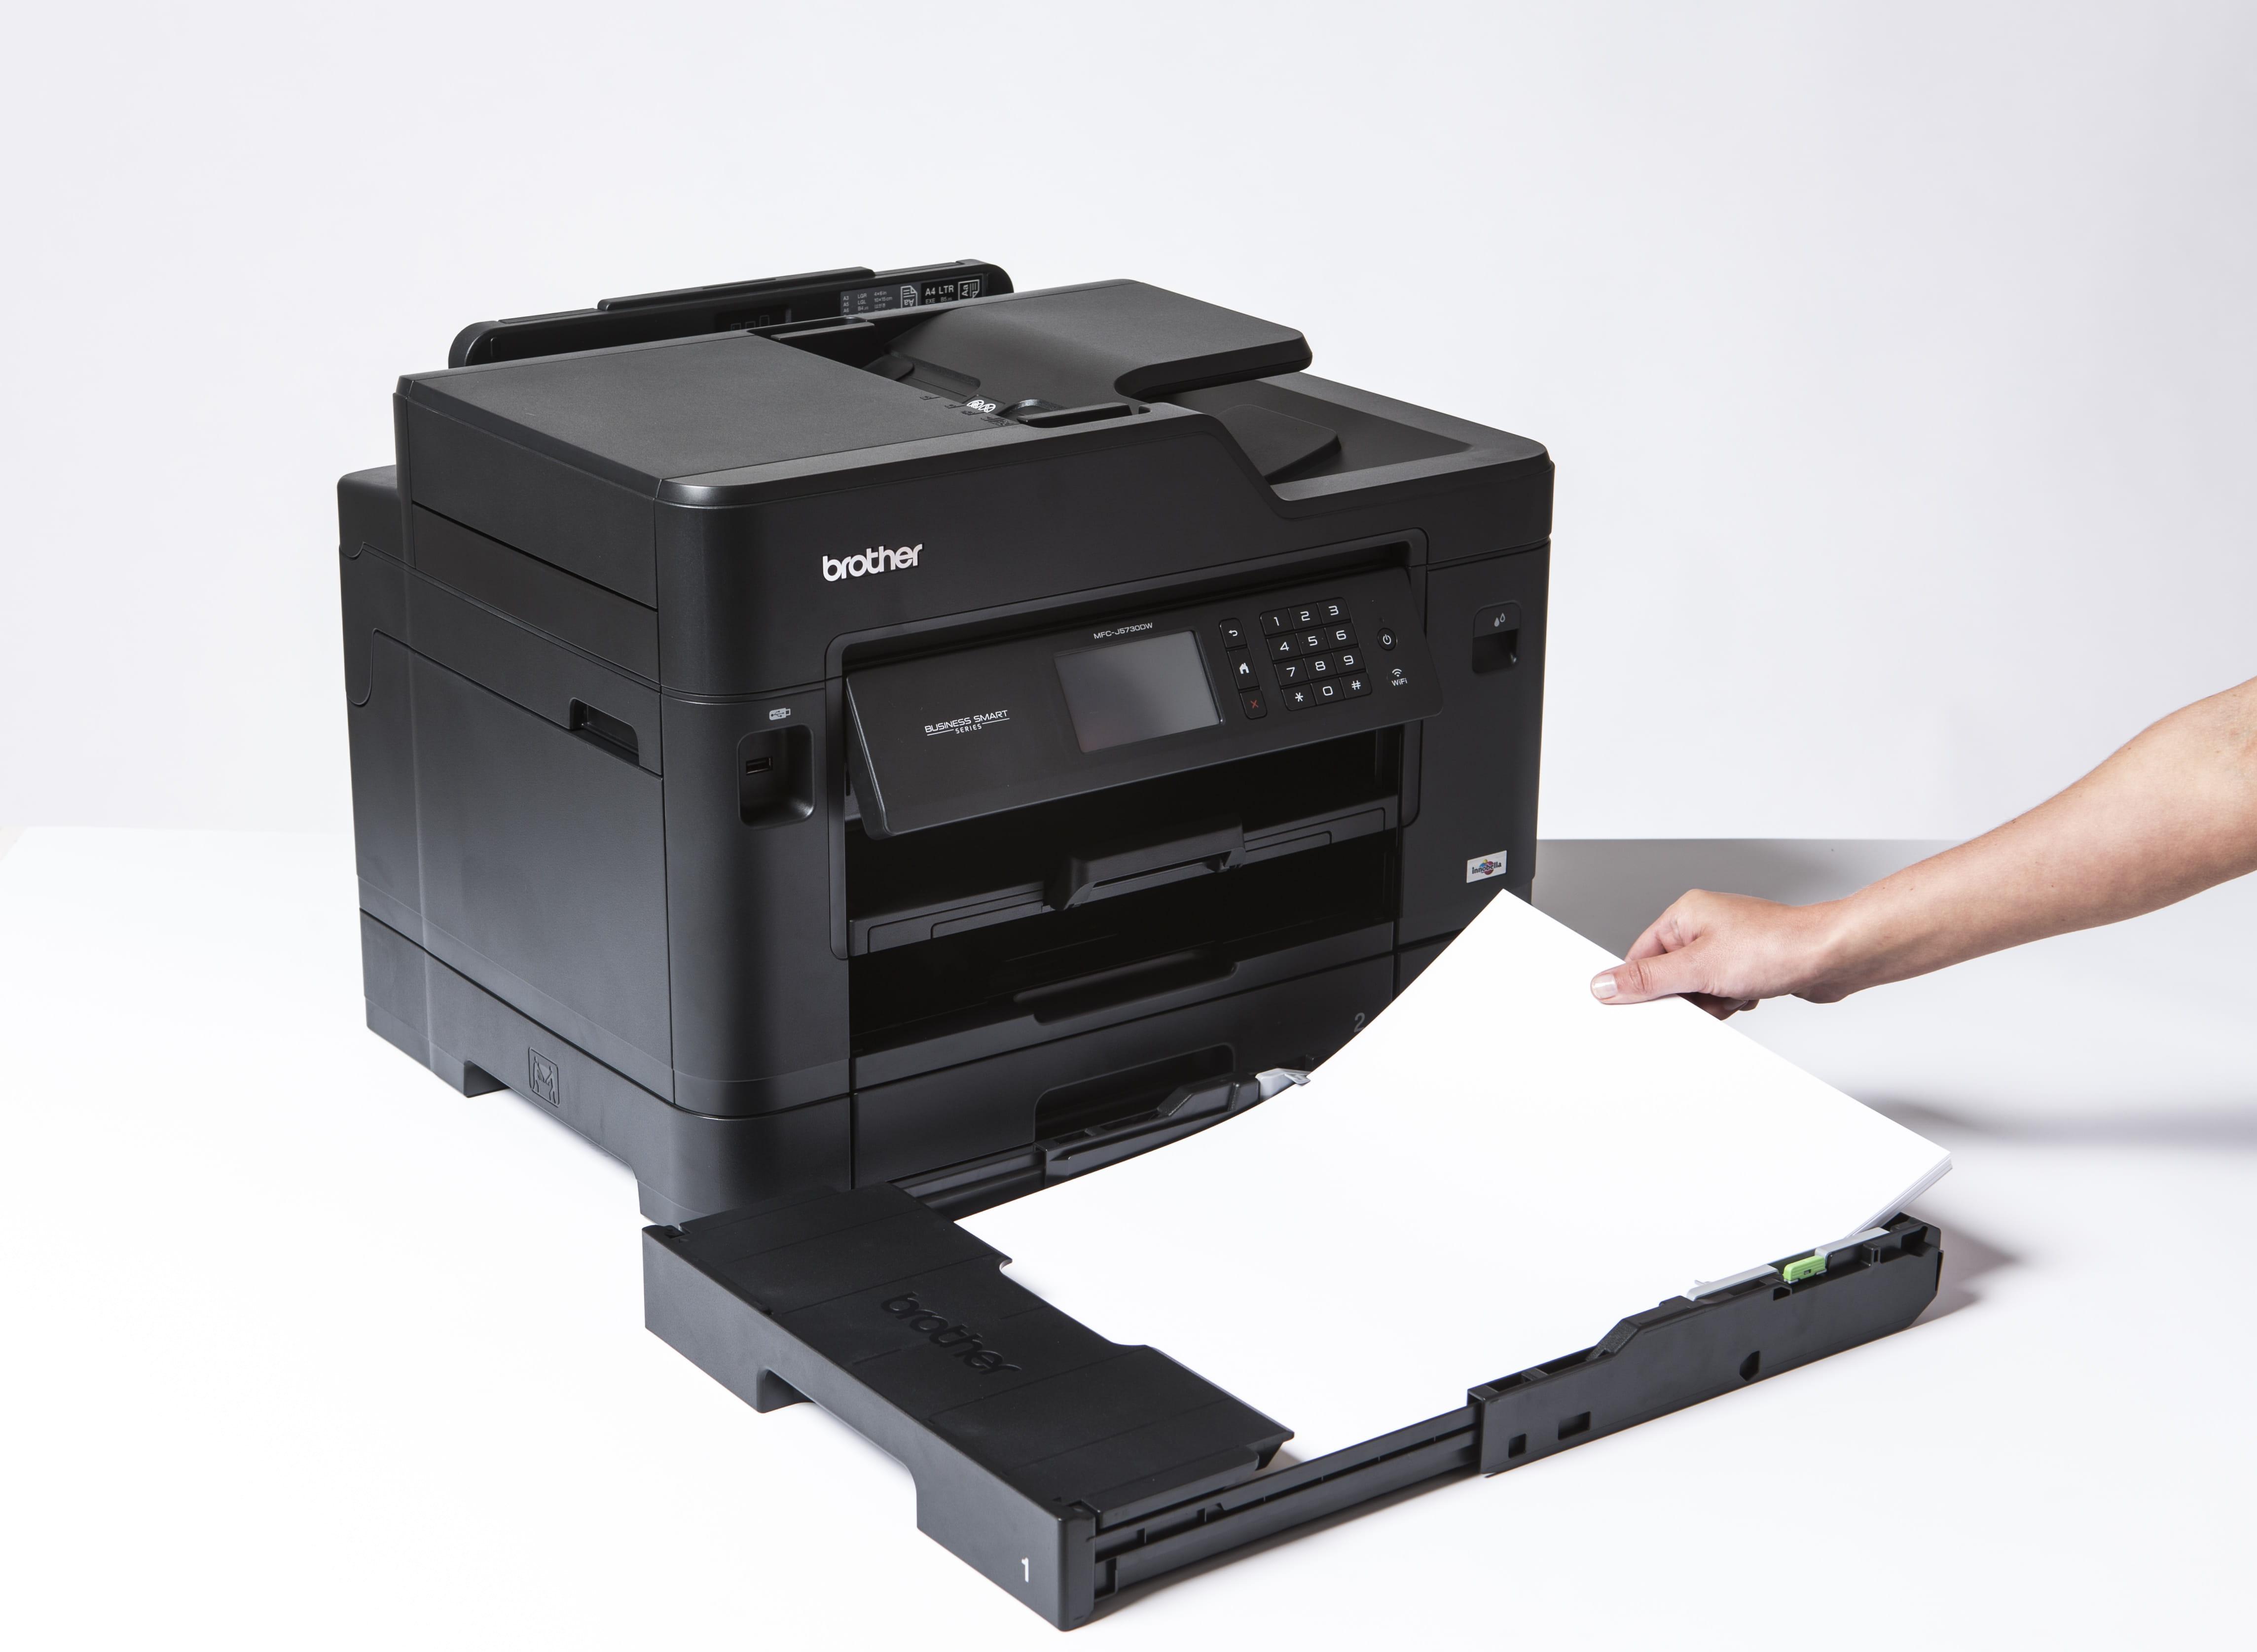 Brother MFC-J5730DW Papiermanagement